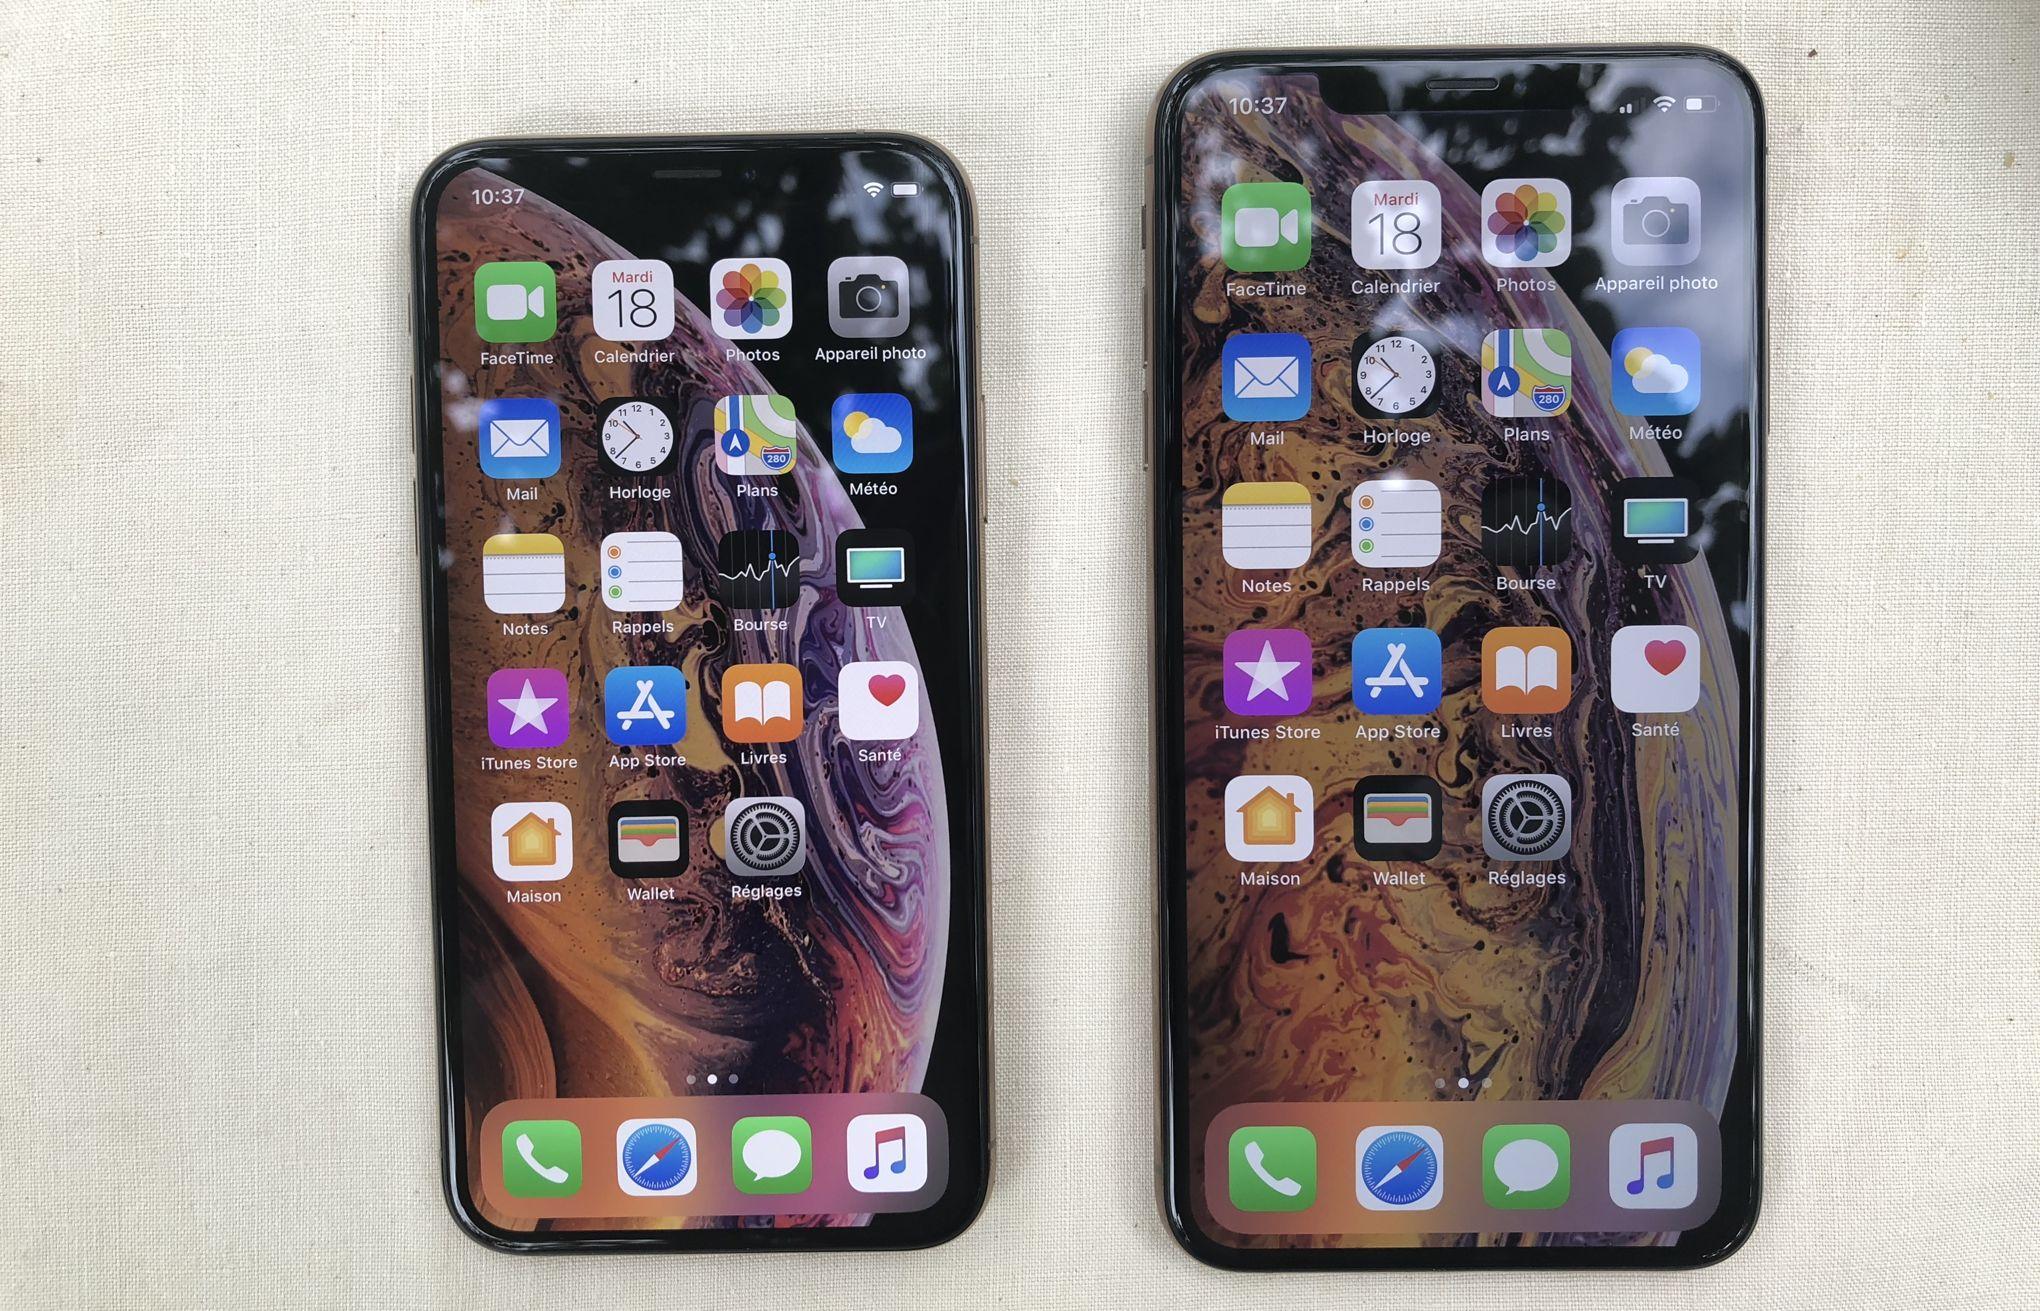 Votre iPhone peut surchauffer sous vos yeux sans raison